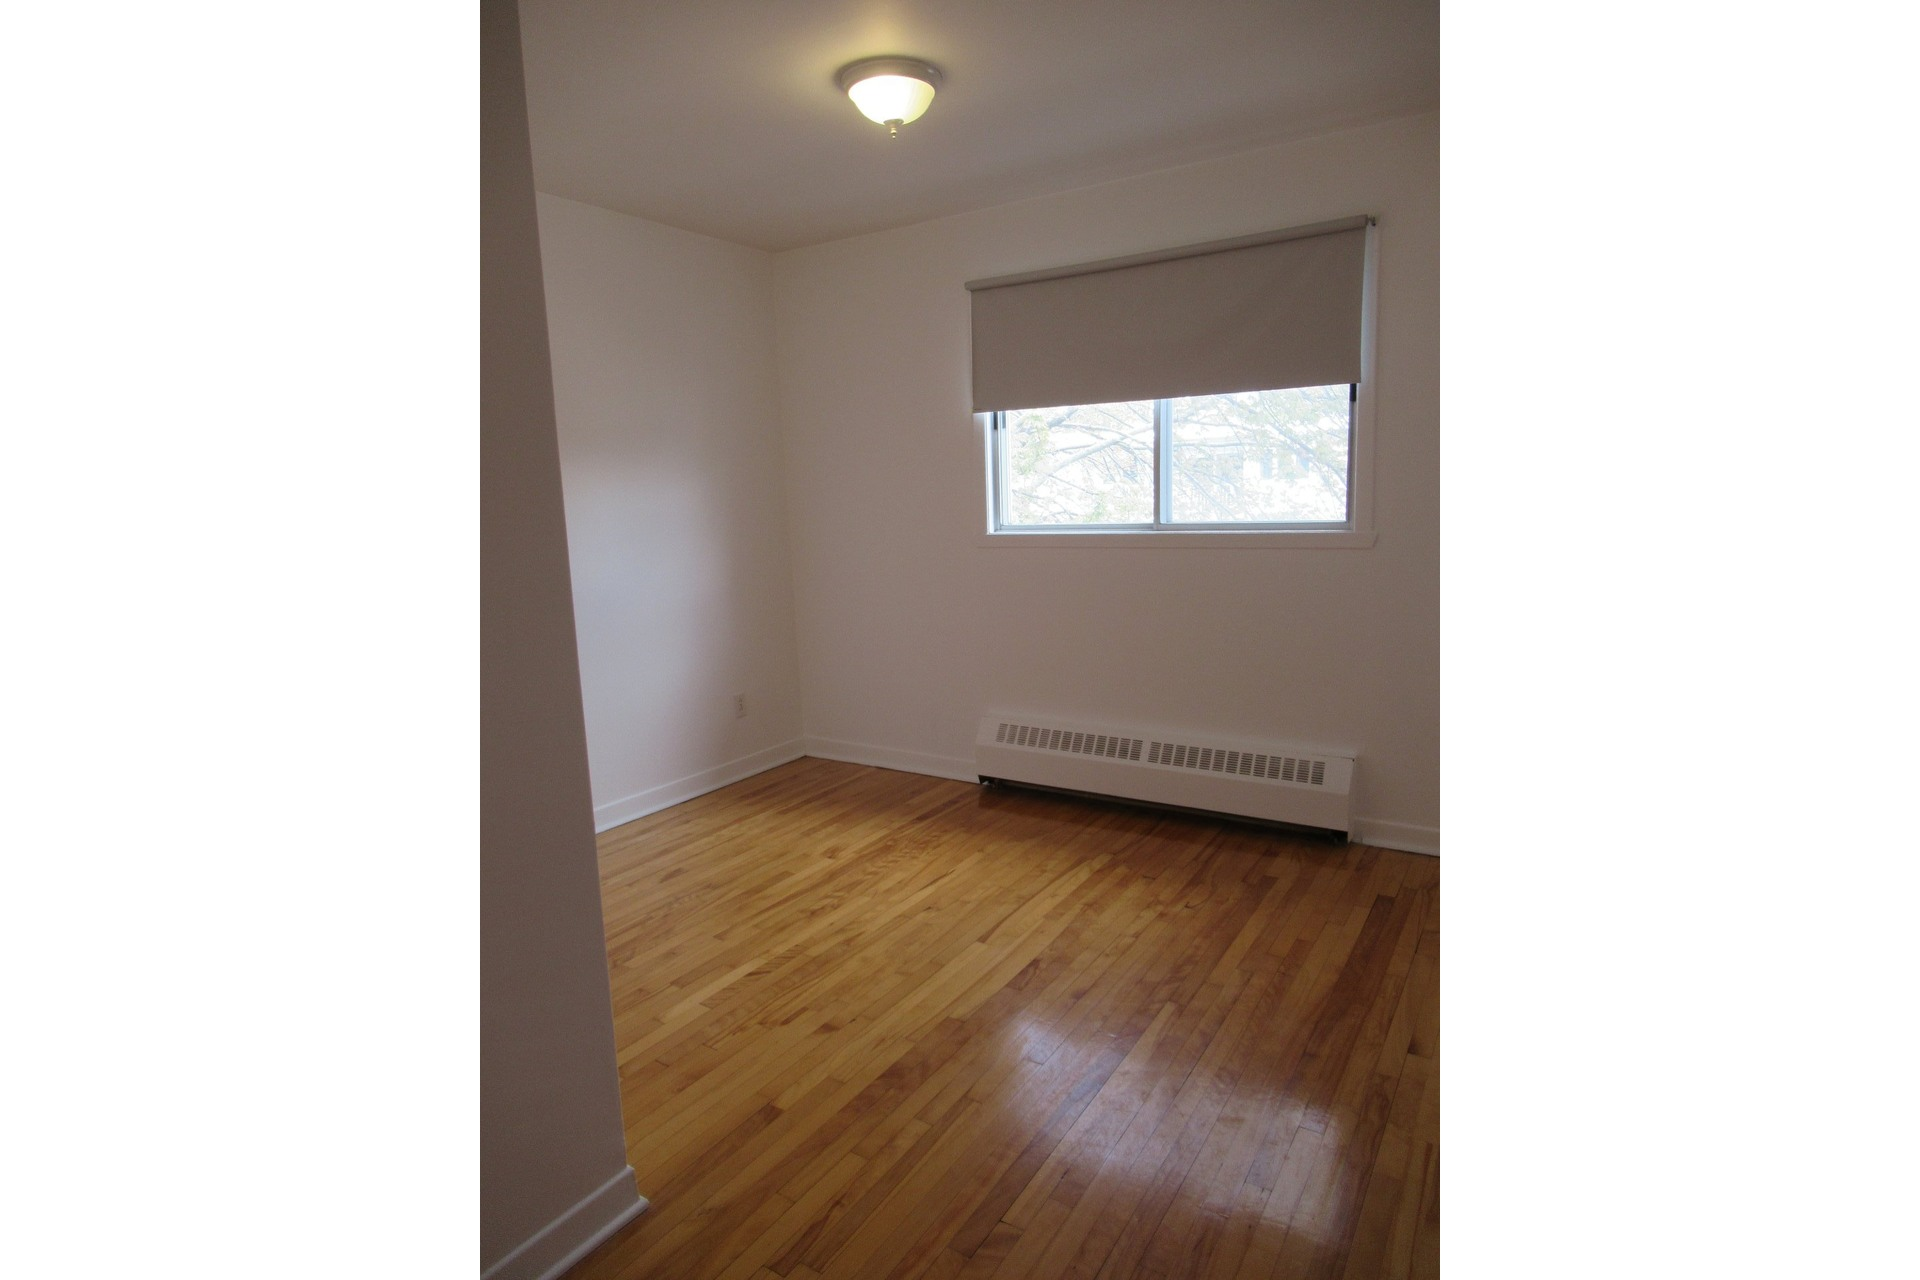 image 5 - Appartement À louer LaSalle Montréal  - 4 pièces